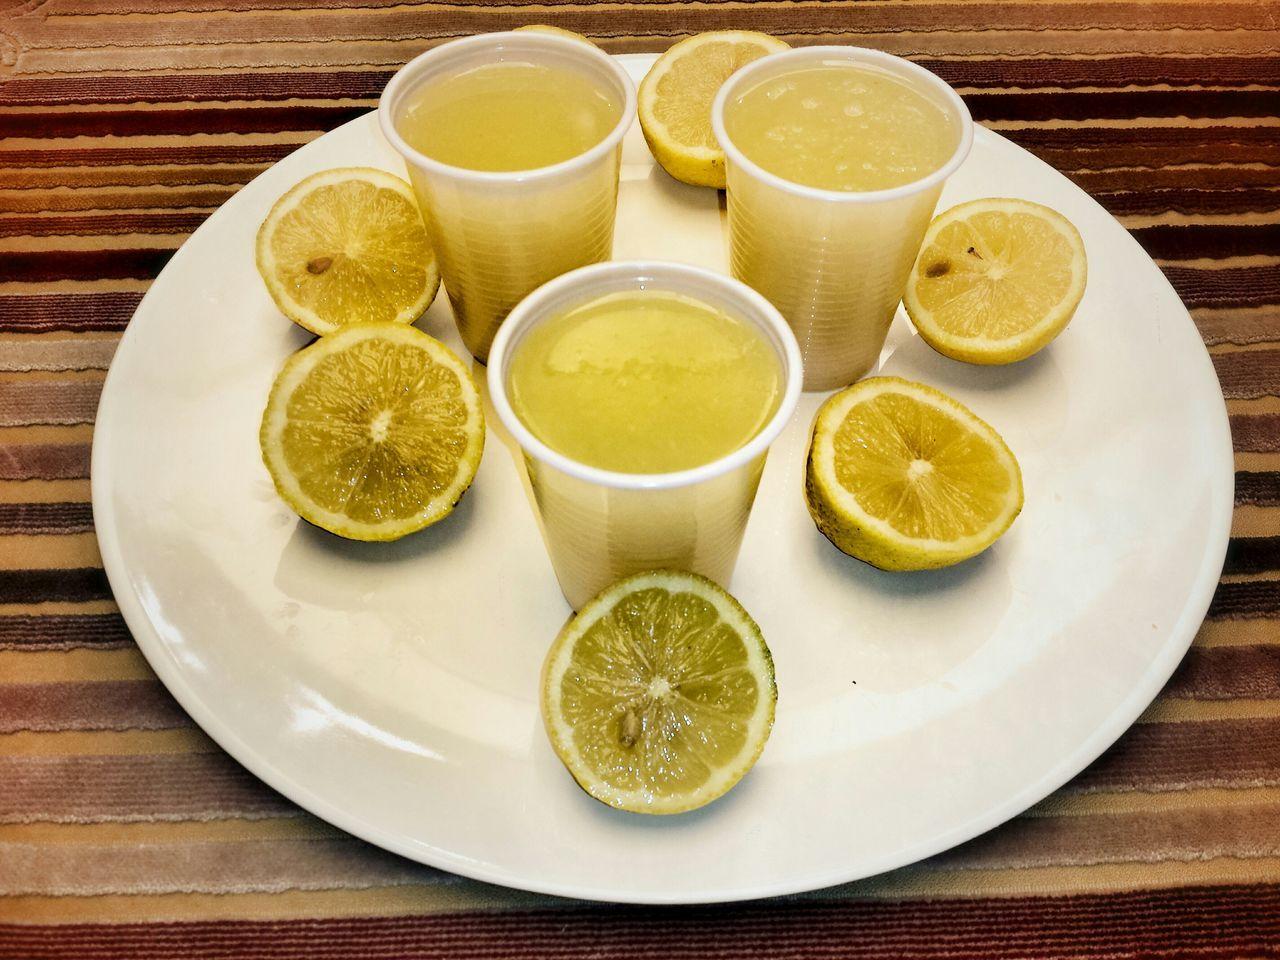 And finally lemonade! Taking Photos Relaxing Enjoying Life Drinking Drinks Summer Sicily Lemons Lemonade Fruit Eating In Sicily My Elios Garden